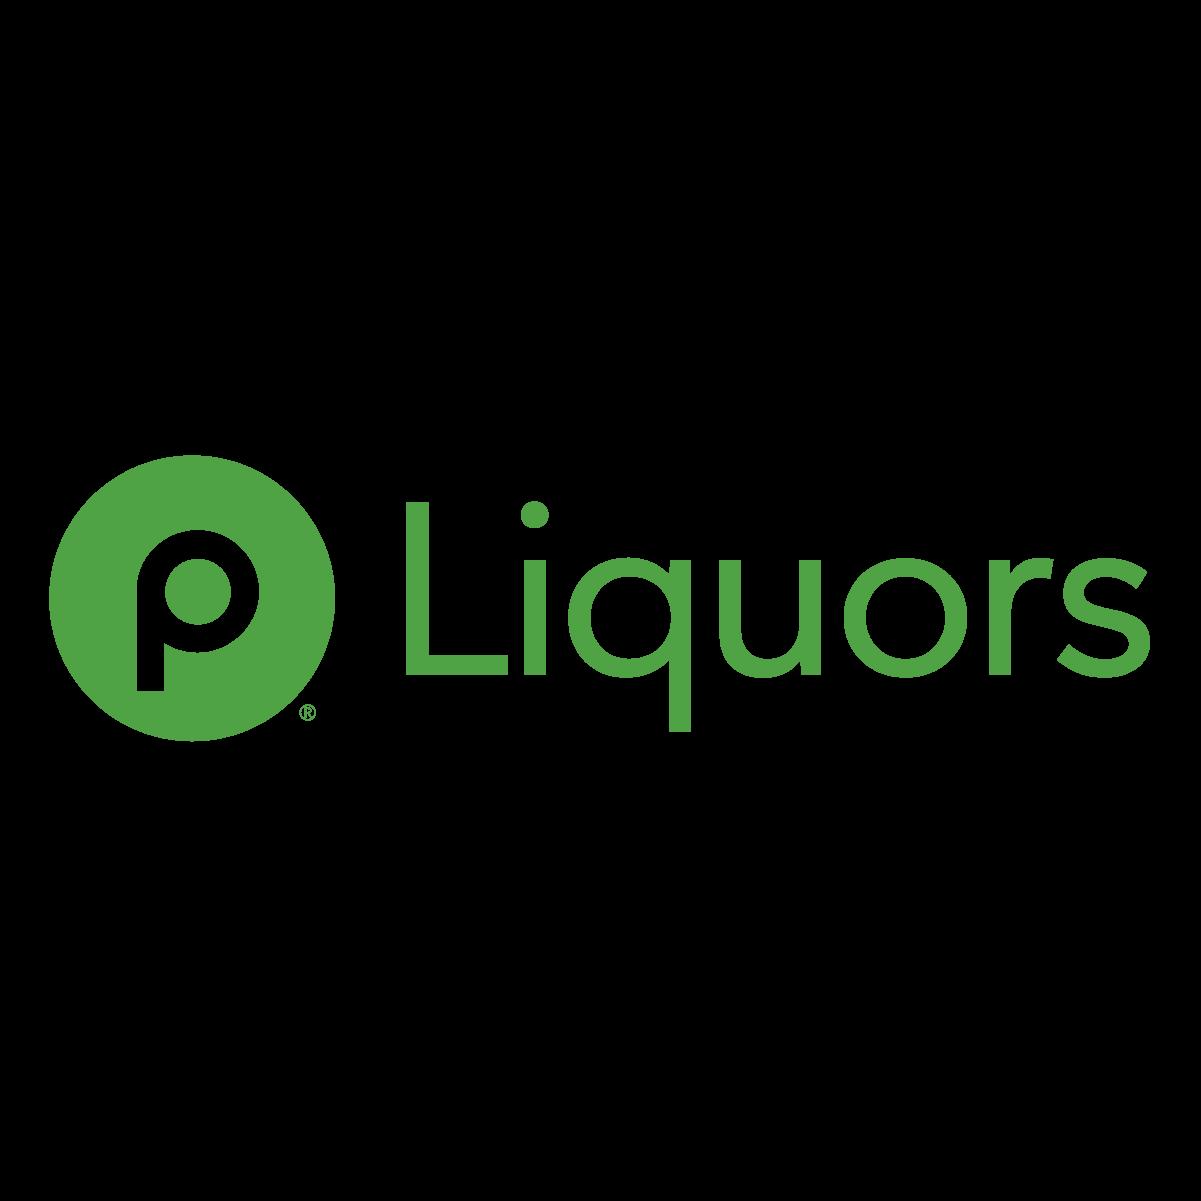 Publix Liquors at Fairmont Plaza